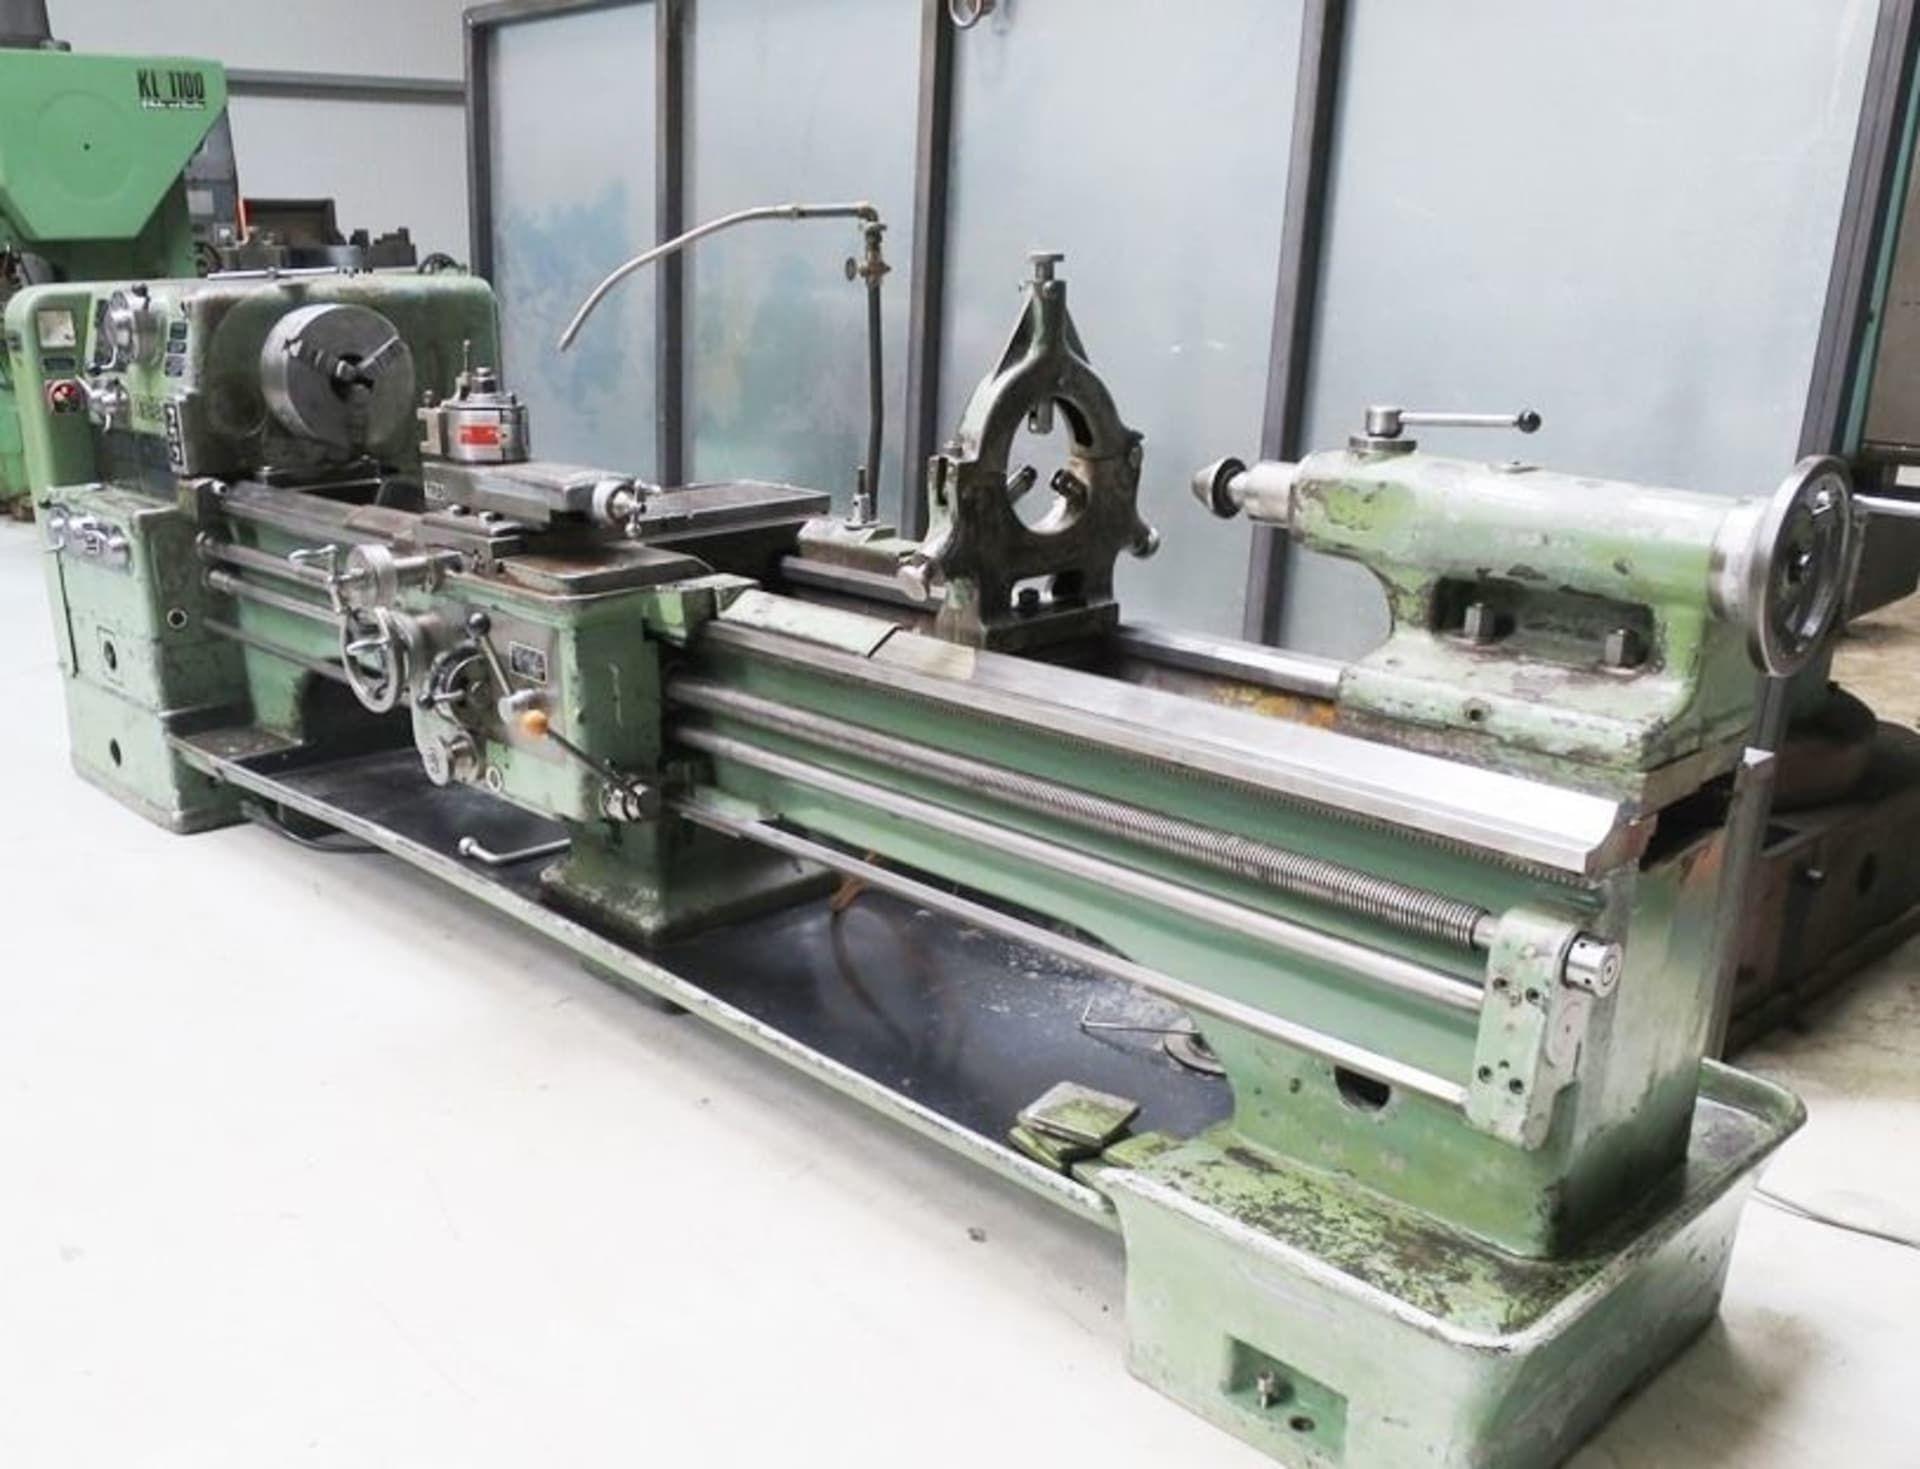 WEIPERT W 500 Leit- und Zugspindeldrehmaschine